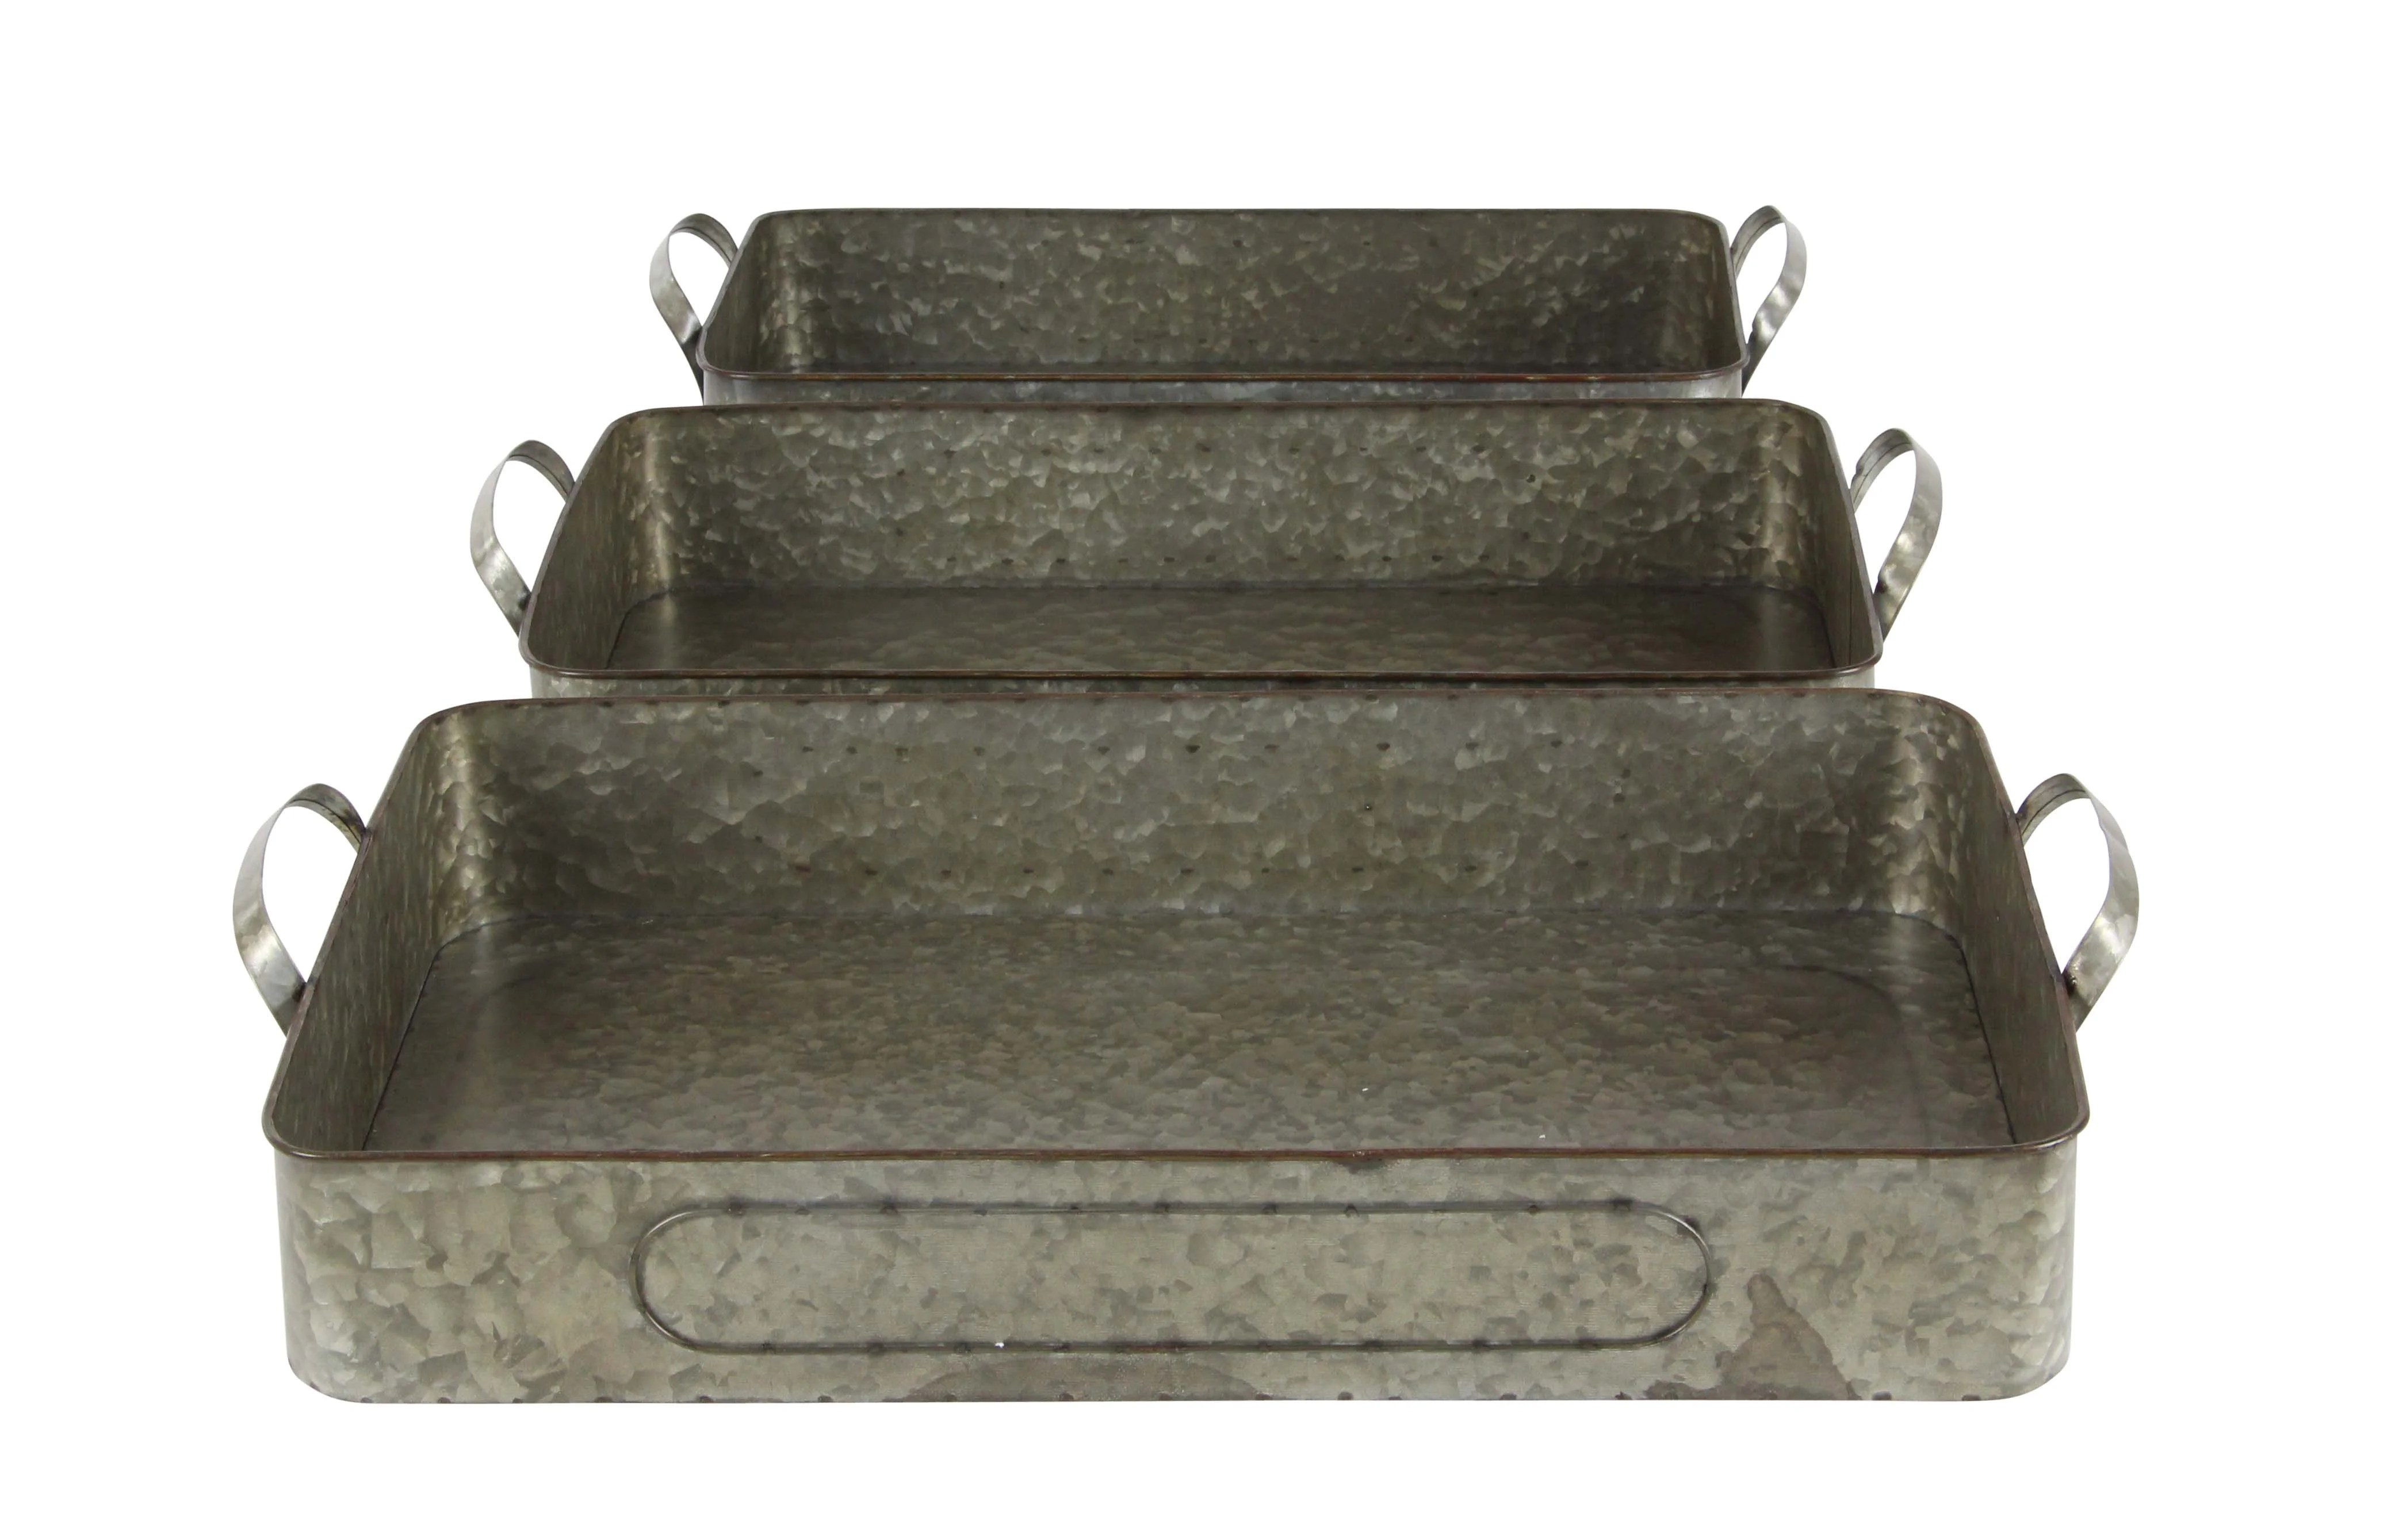 Iron Tray Handles